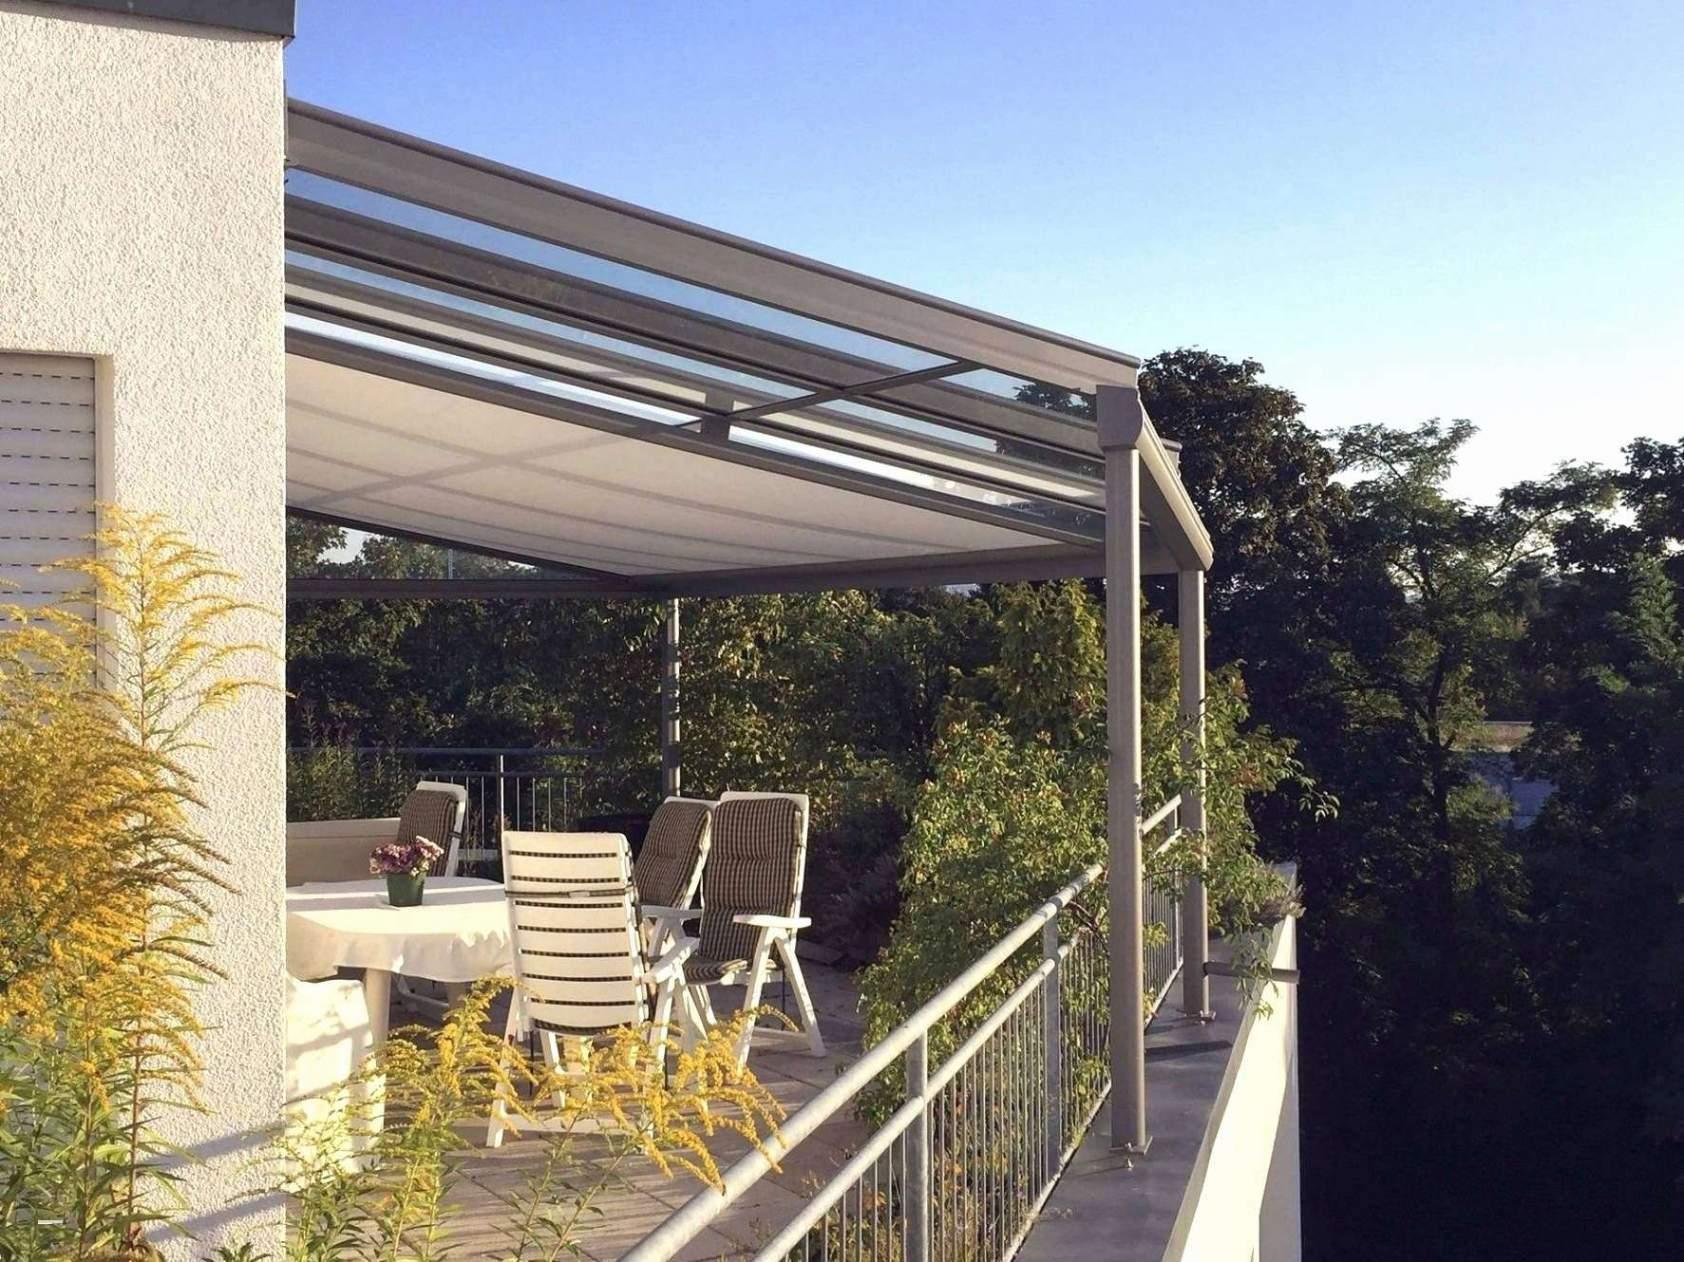 42 schon kleine terrasse gestalten foto terrasse blickdicht machen terrasse blickdicht machen